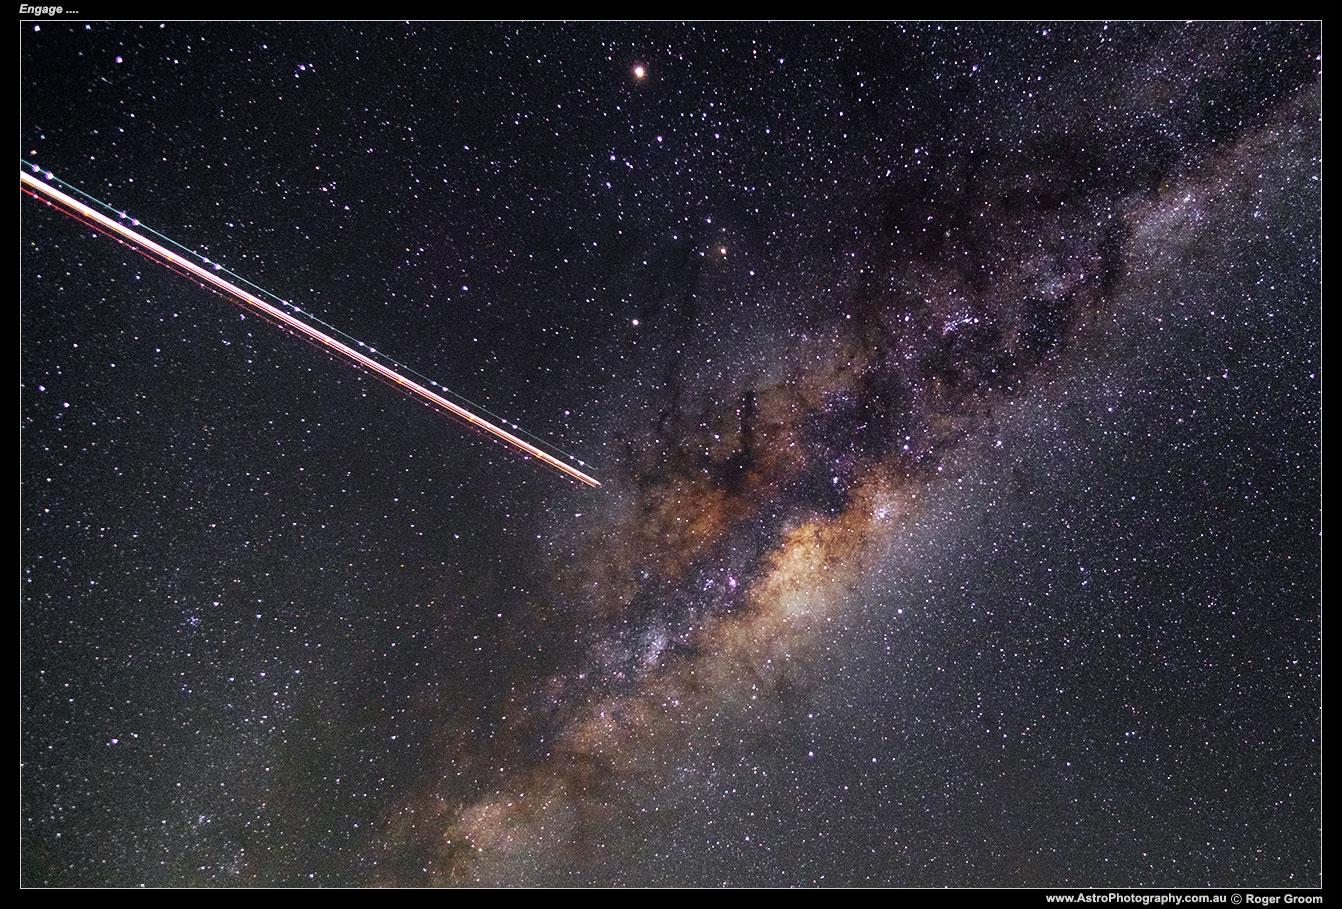 Milky Way - Warp Speed!